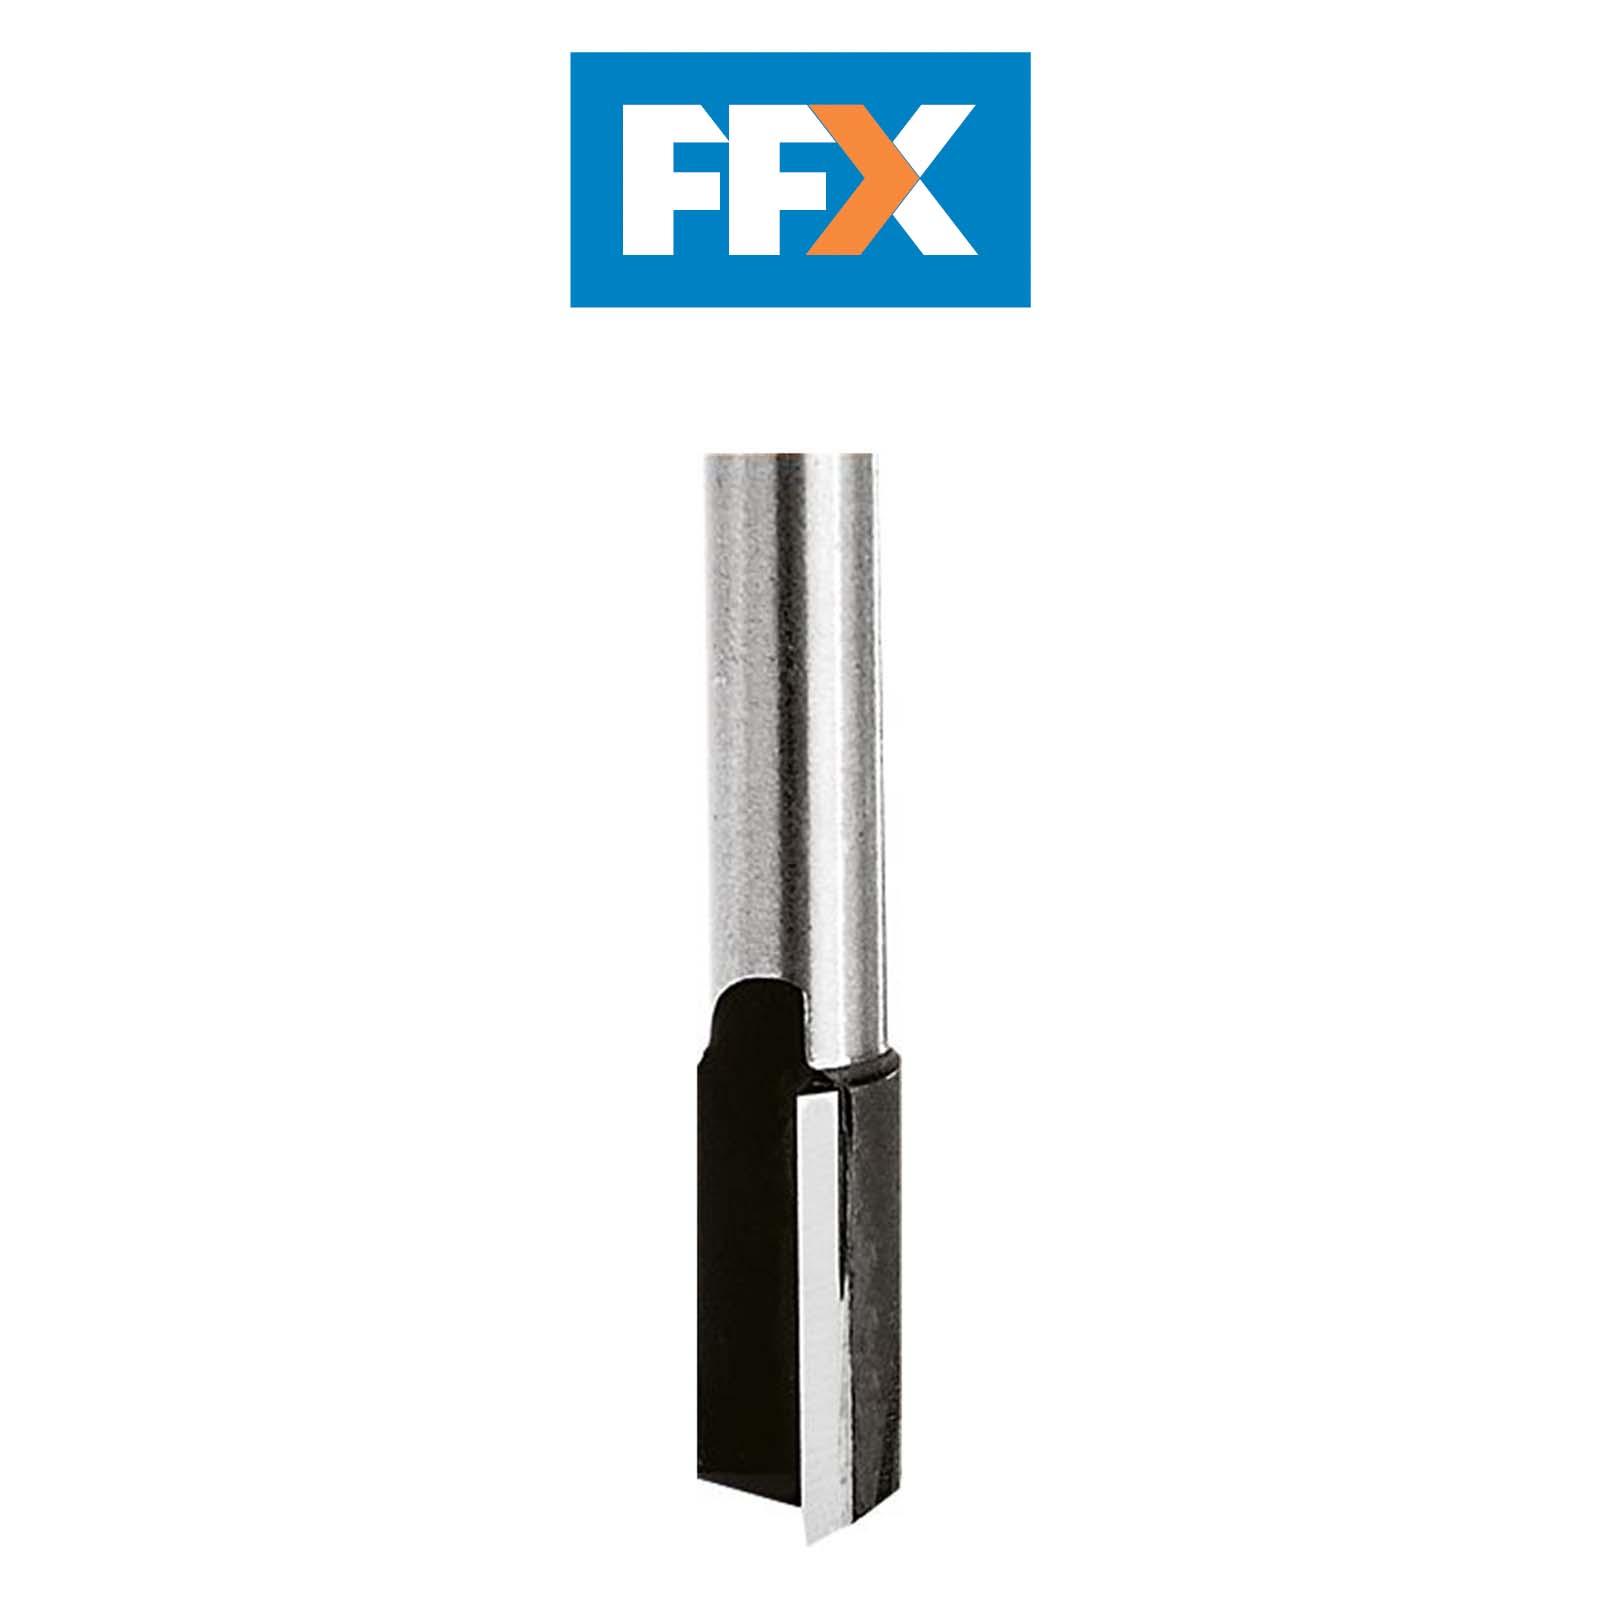 Festool 490975 Borde Recorte de Cortador HW vástago de Recorte 8 Mm-HW S8 D25 20 2fbe23